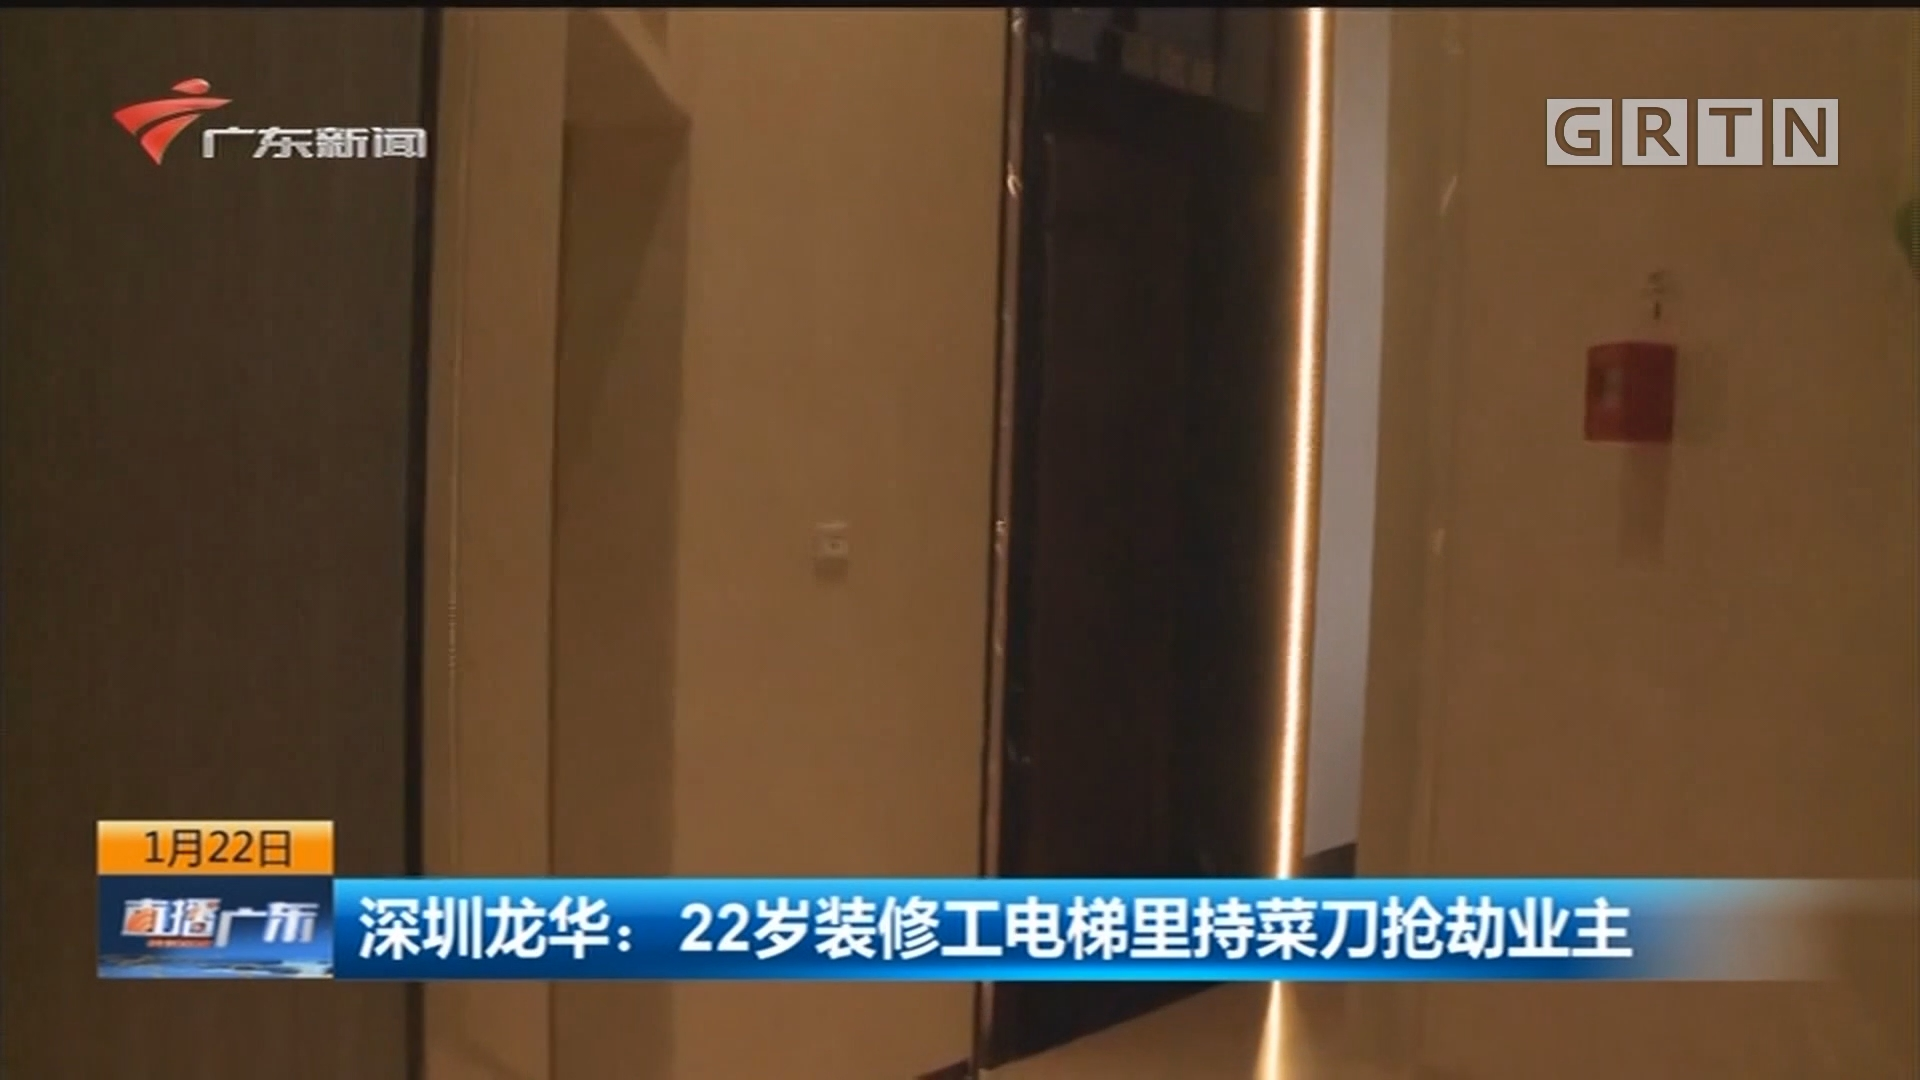 深圳龙华:22岁装修工电梯里持菜刀抢劫业主